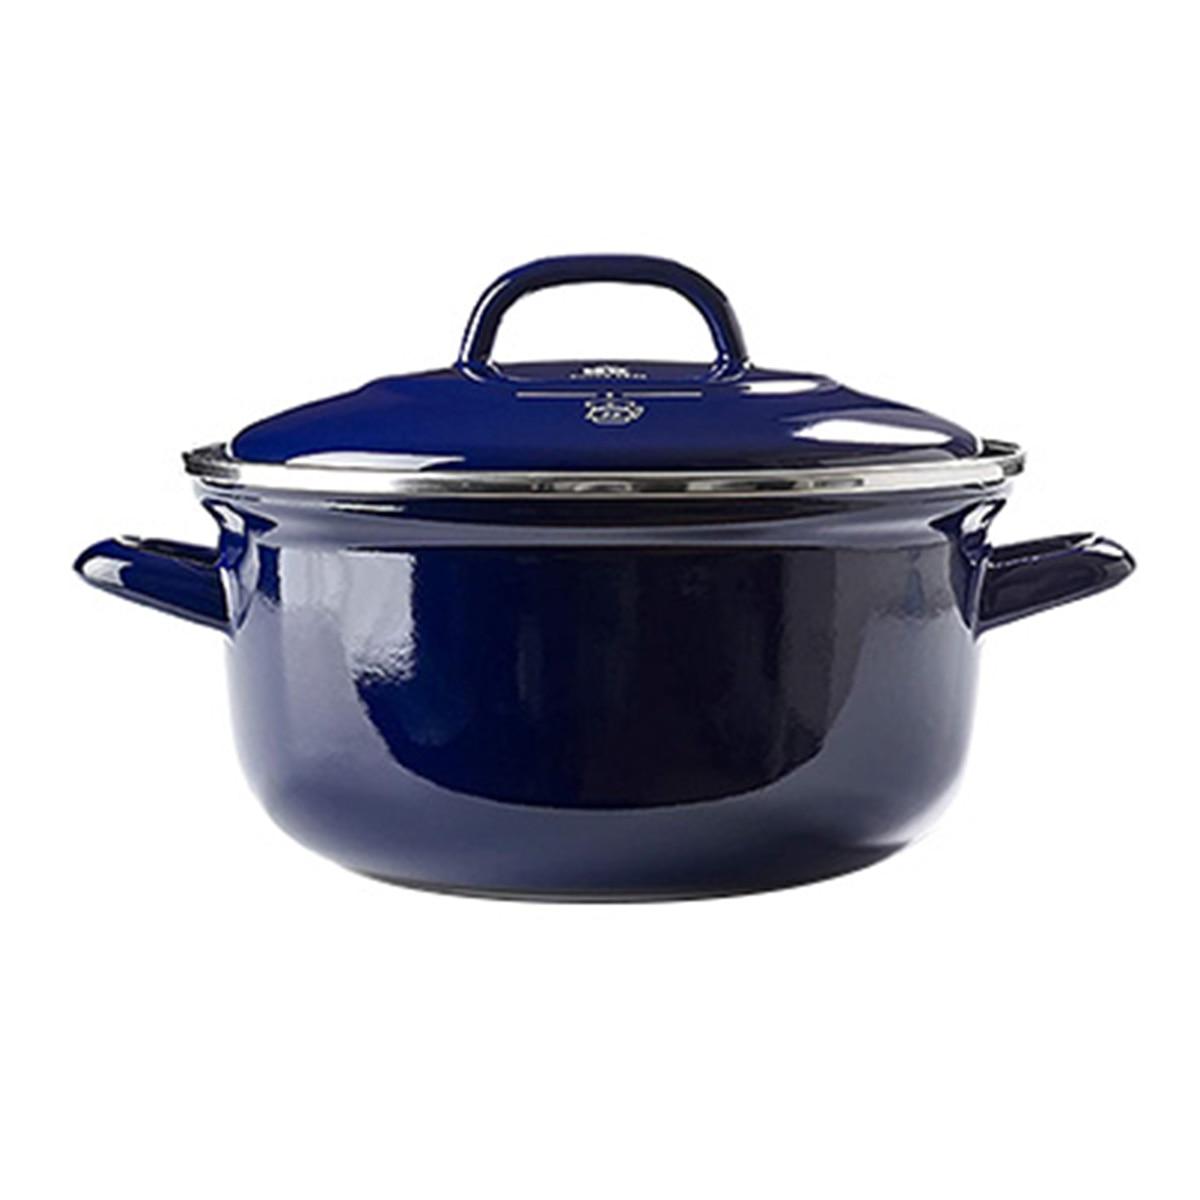 グリーンパン ザ・ダッチ ダッチオーブンホーロー鍋 20cm(2.5L)ロイヤルブルー CC002464-001